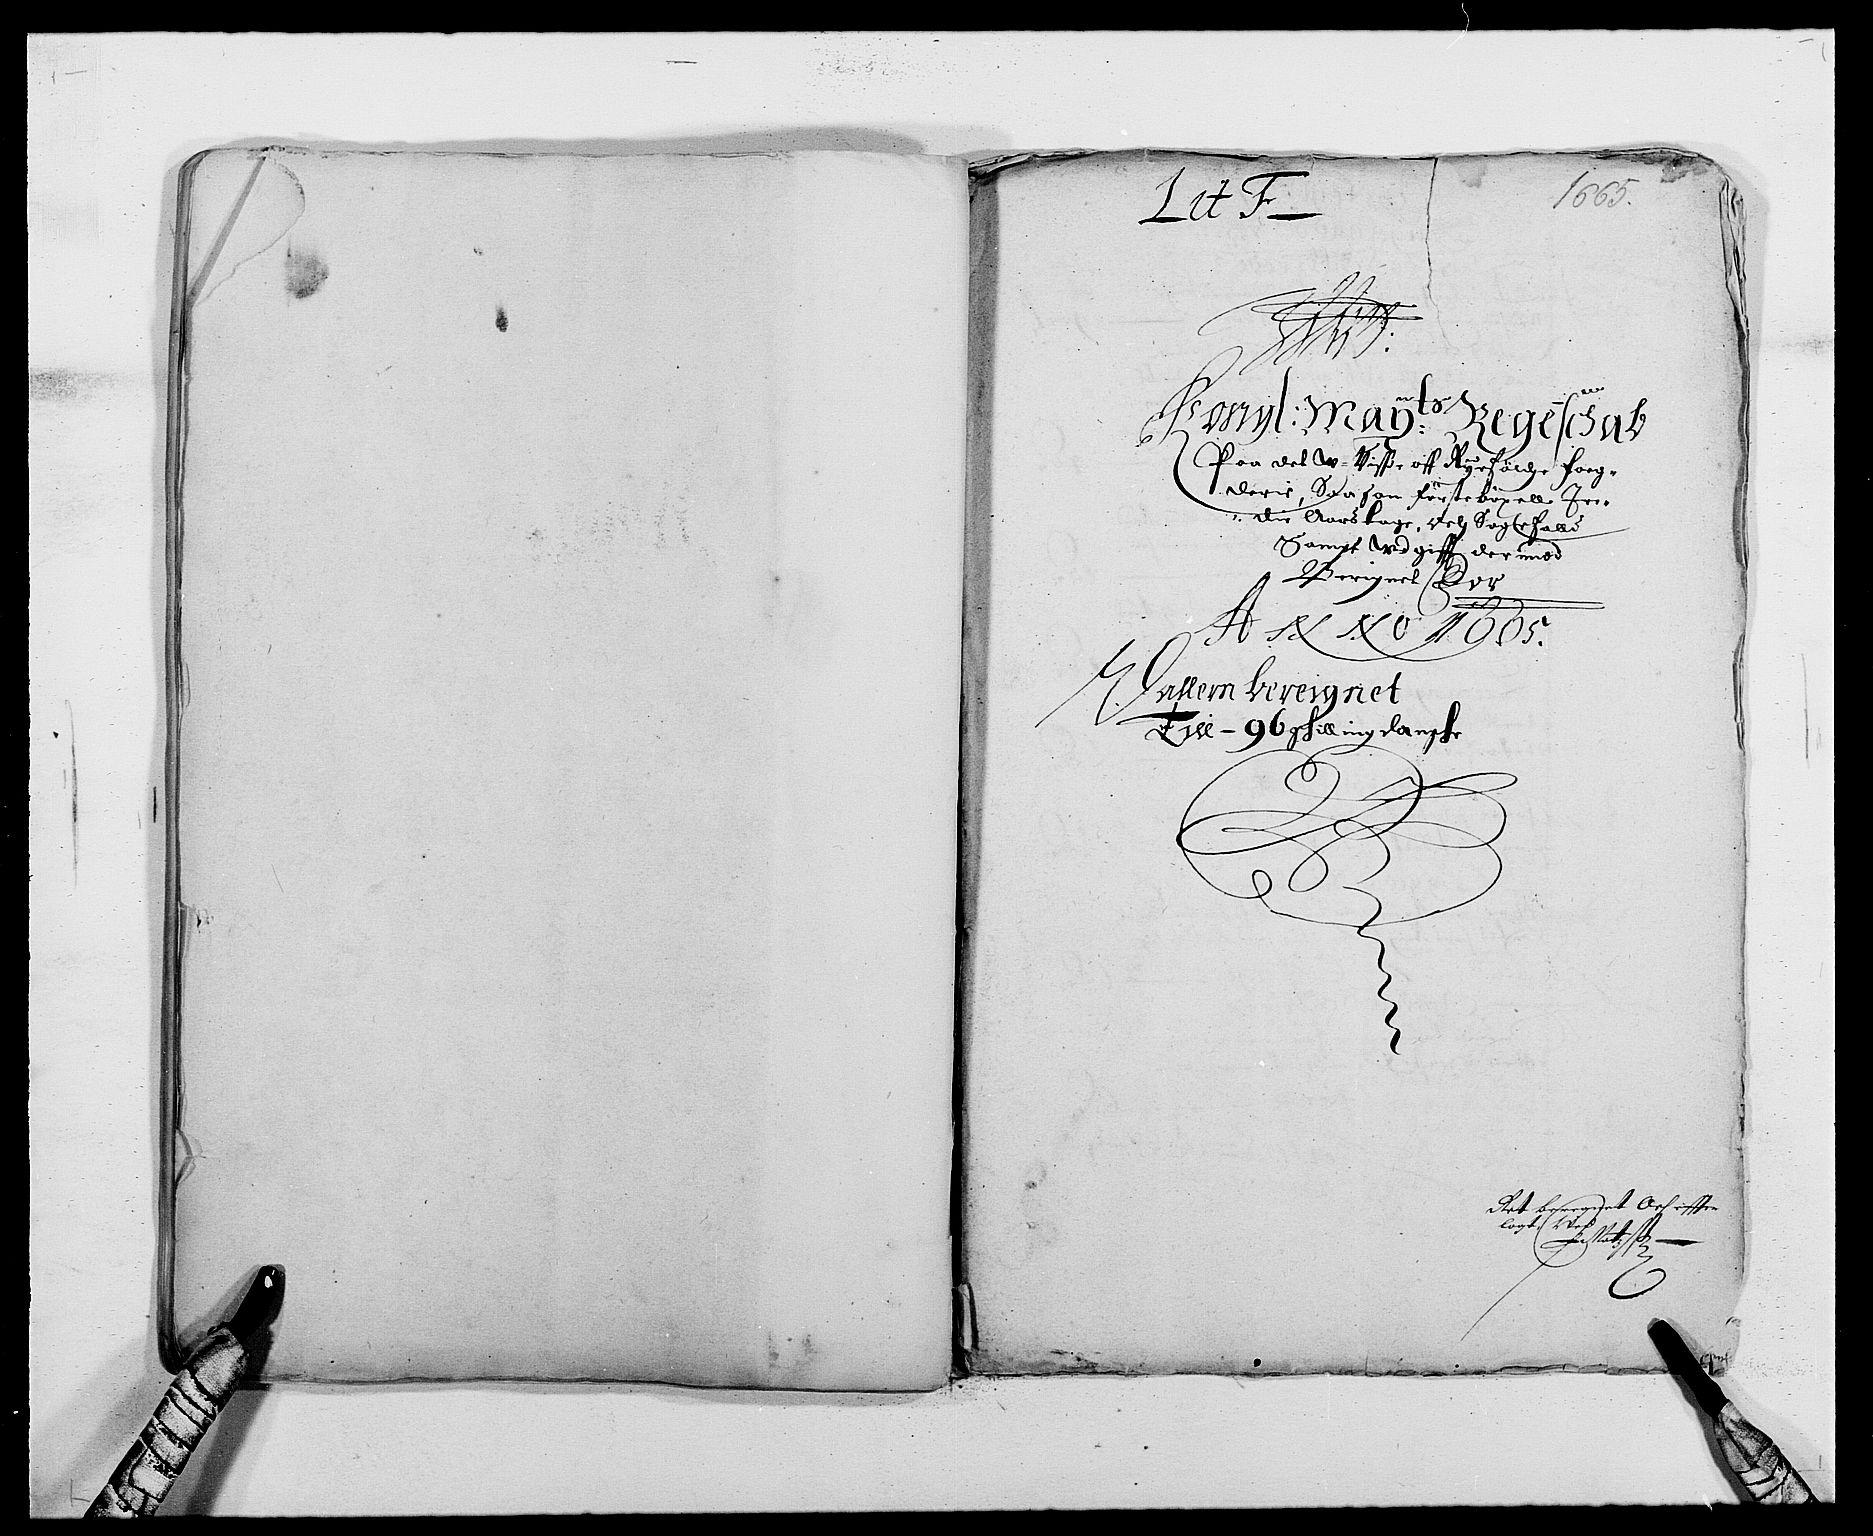 RA, Rentekammeret inntil 1814, Reviderte regnskaper, Fogderegnskap, R47/L2840: Fogderegnskap Ryfylke, 1665-1669, s. 29